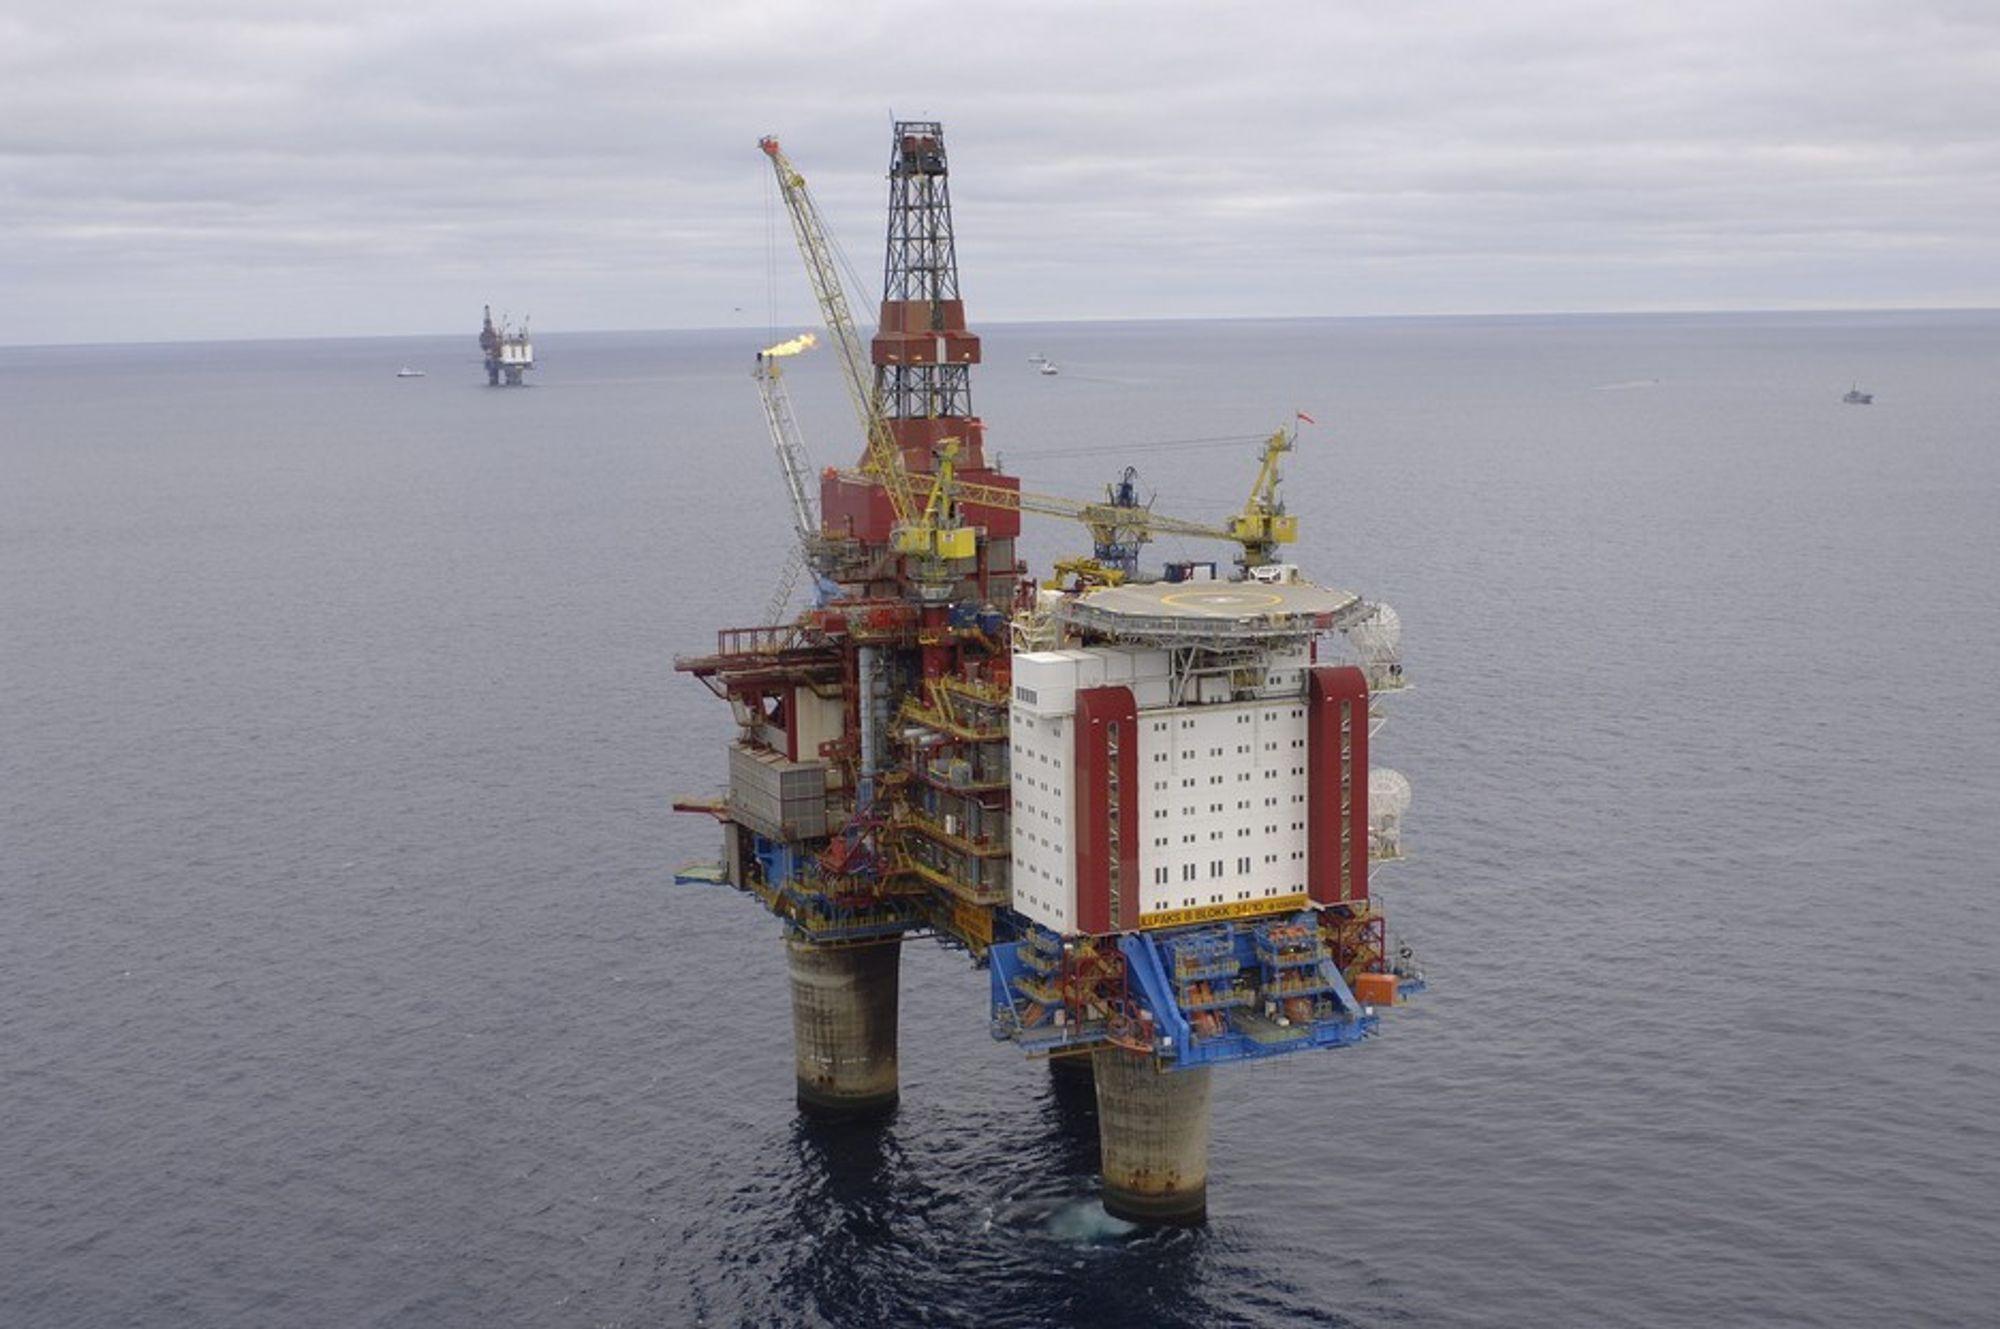 Etter hendelsene på Gullfaks-feltet, har Ptil bedt Statoil om en uavhengig studie av selskapets virksomhet. Det har ført til murringer mellom de to partene.